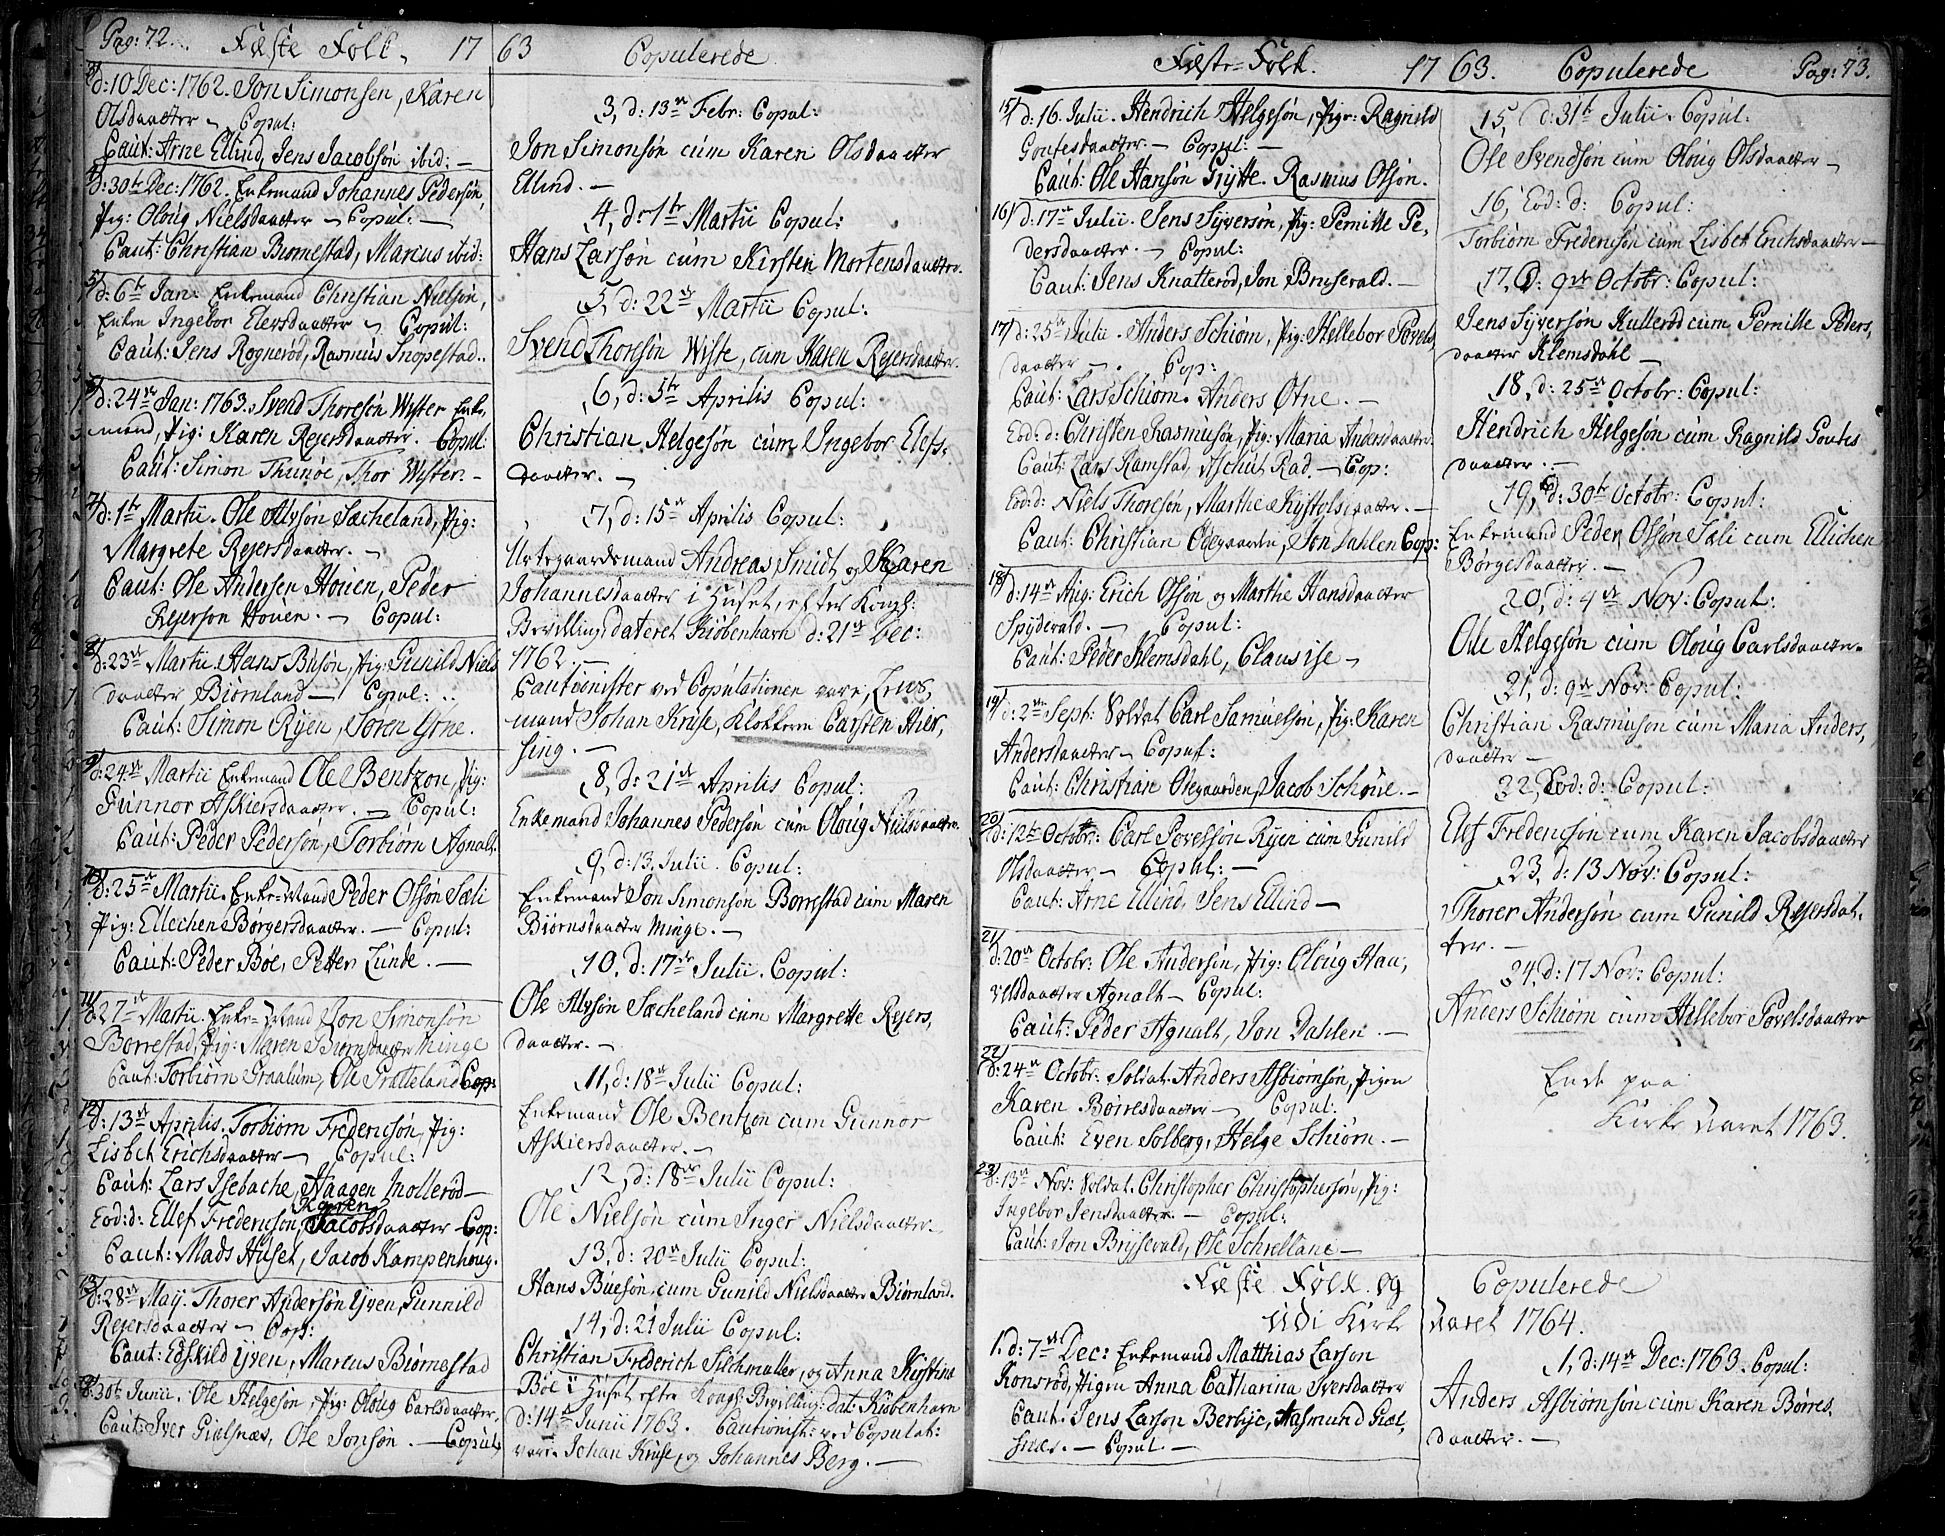 SAO, Tune prestekontor Kirkebøker, F/Fa/L0002: Ministerialbok nr. 2, 1758-1781, s. 72-73